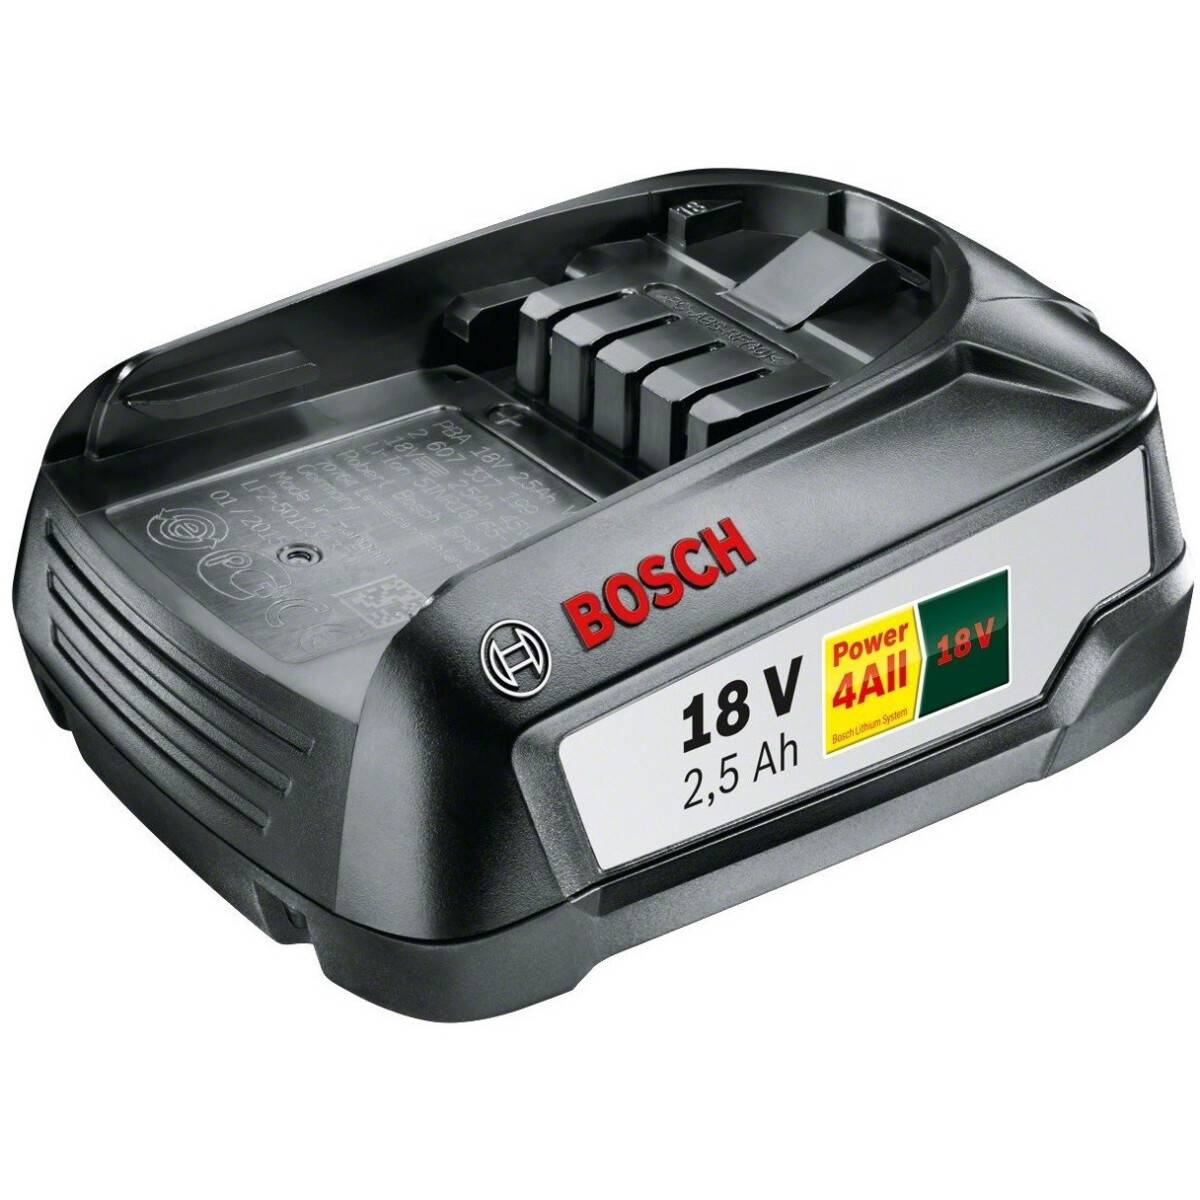 وتد نسبيا يتصل Bosch Pba 18v 2 5 Ah Dsvdedommel Com